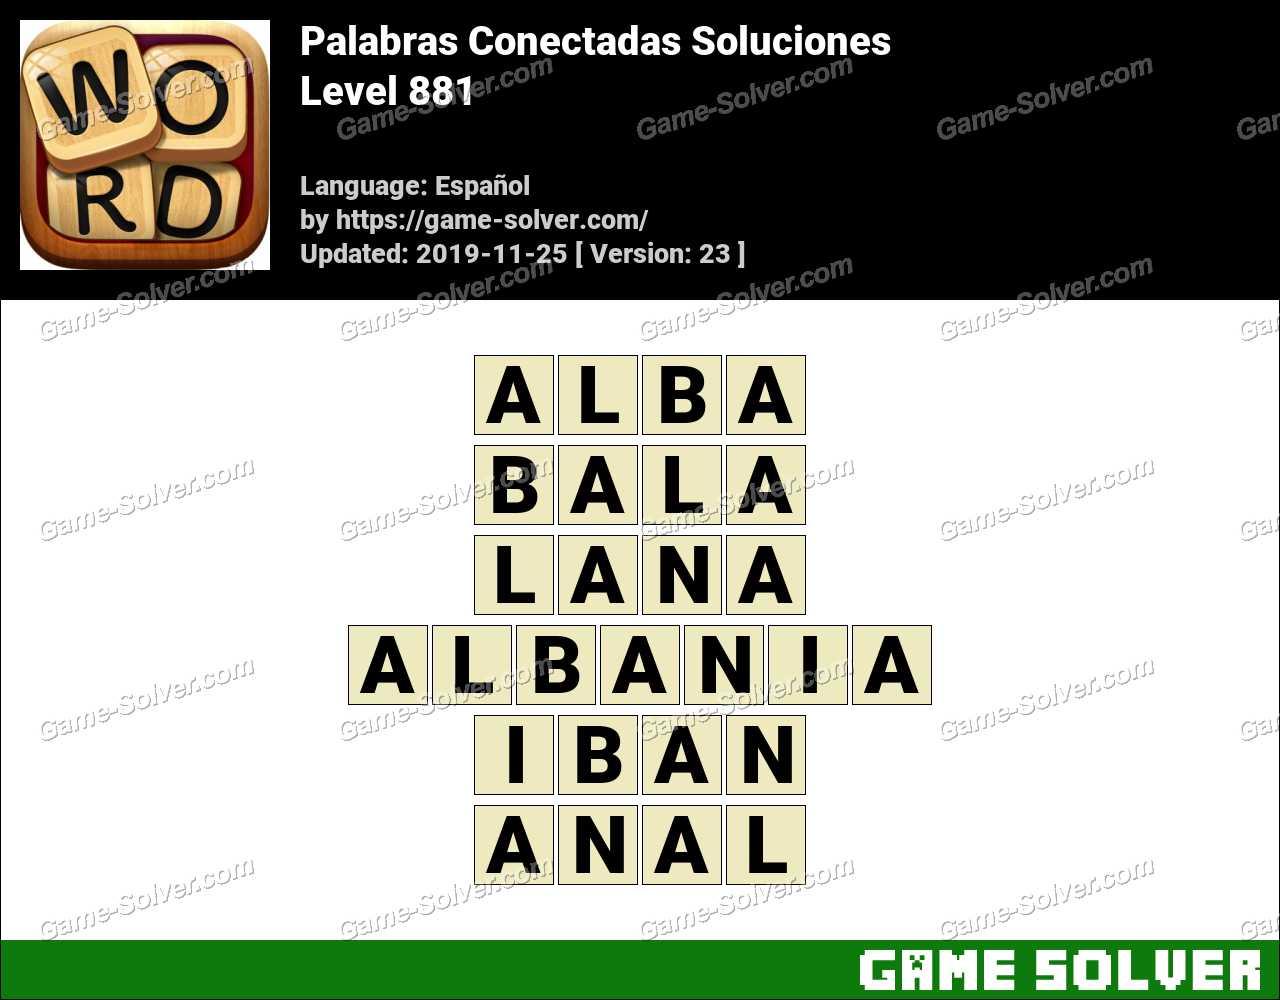 Palabras Conectadas Nivel 881 Soluciones